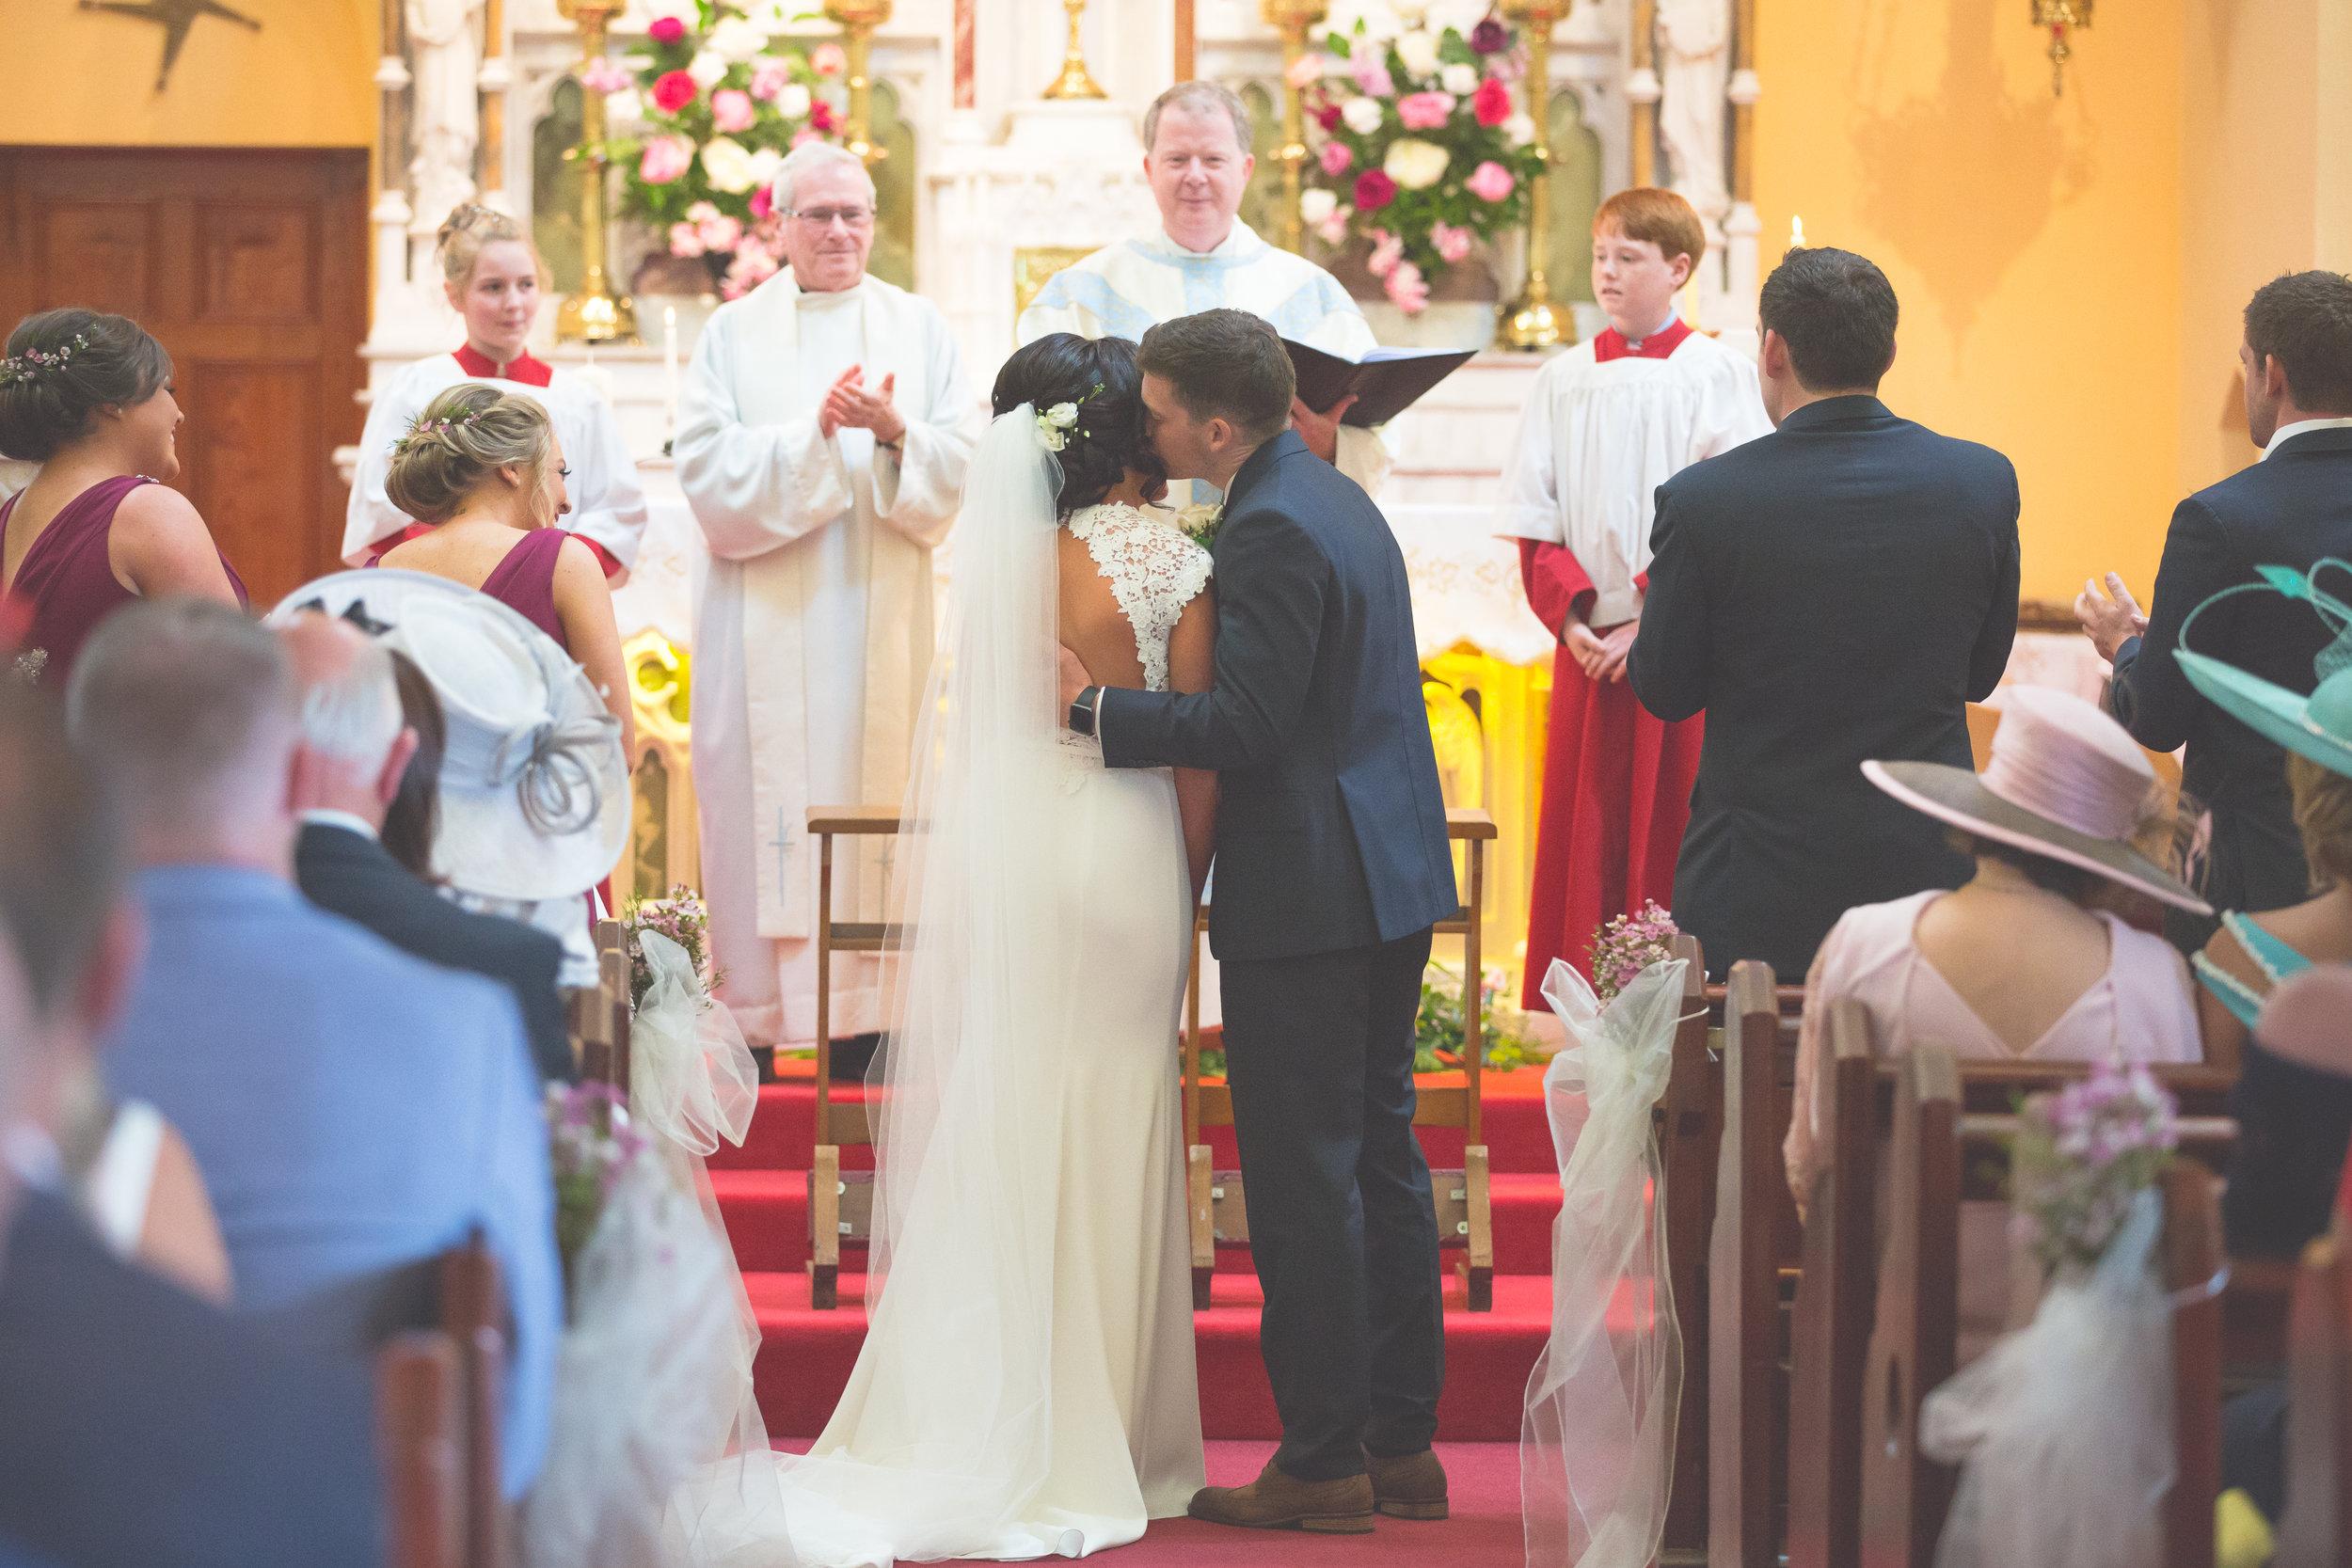 Brian McEwan Wedding Photography   Carol-Anne & Sean   The Ceremony-50.jpg